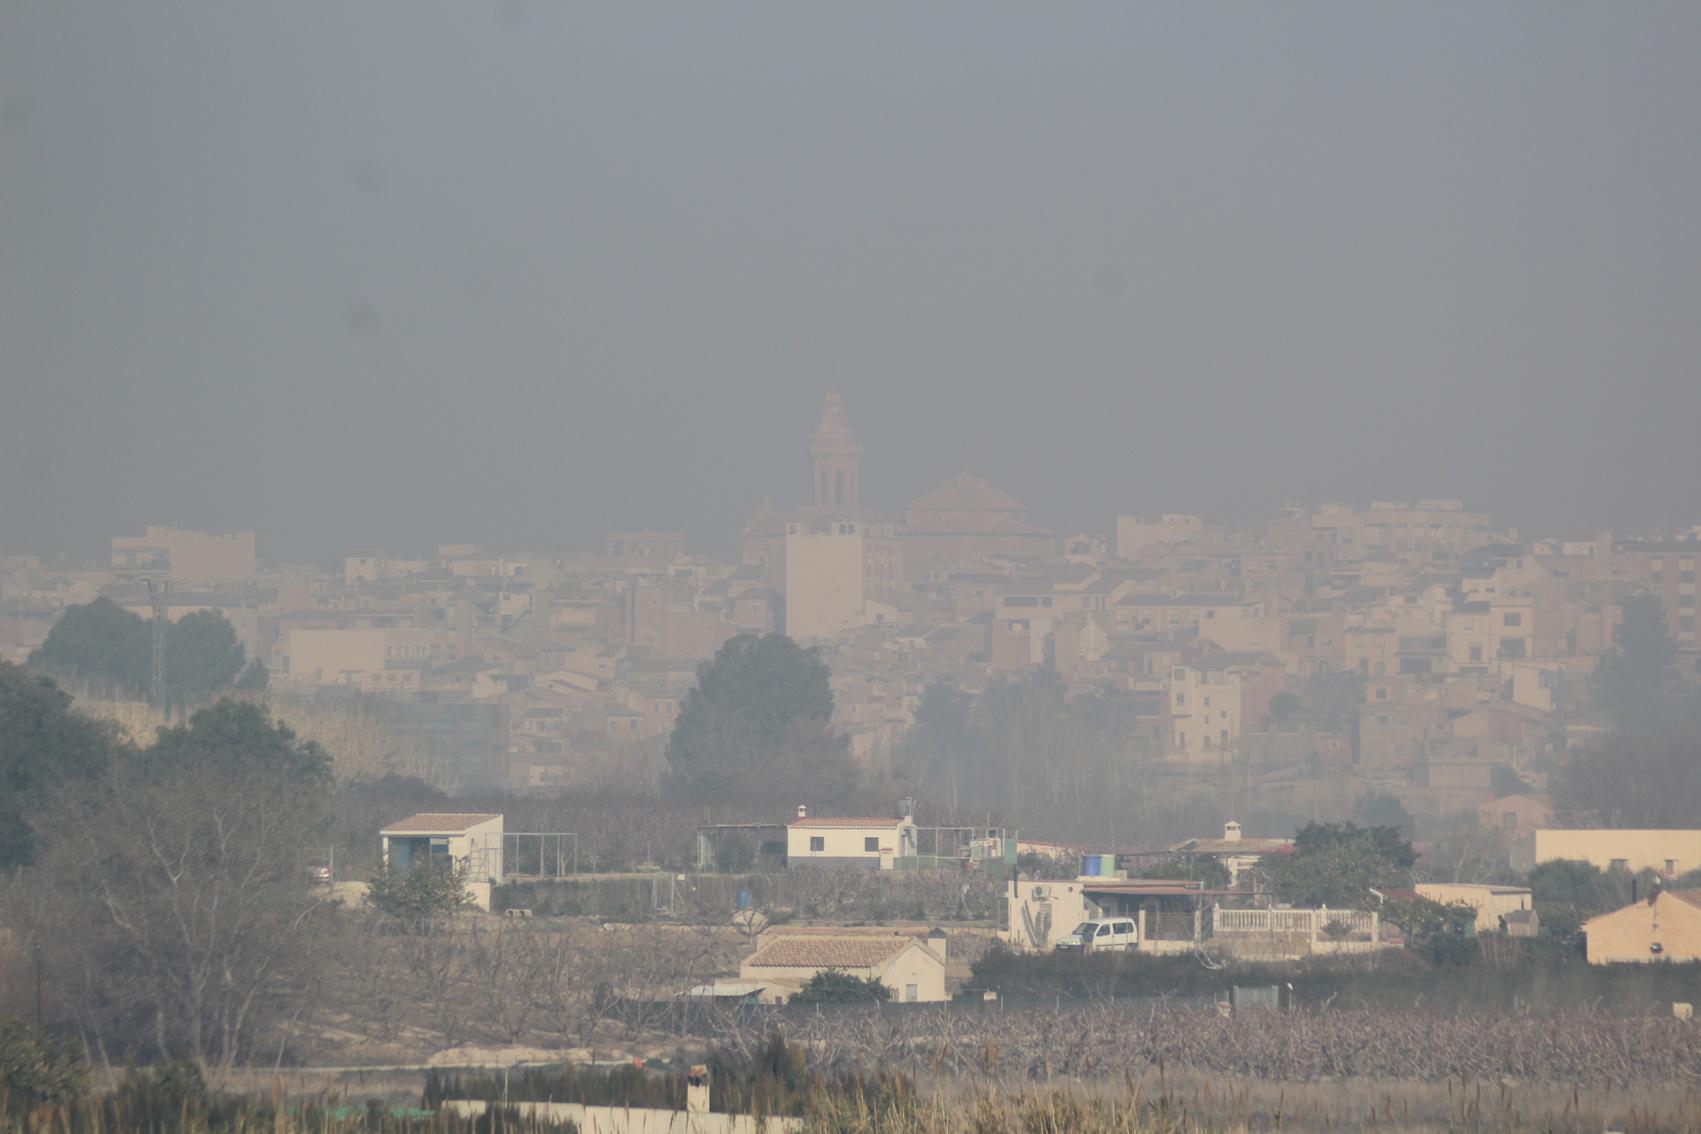 La capa de humo, en la ciudad. Imagen: EEA